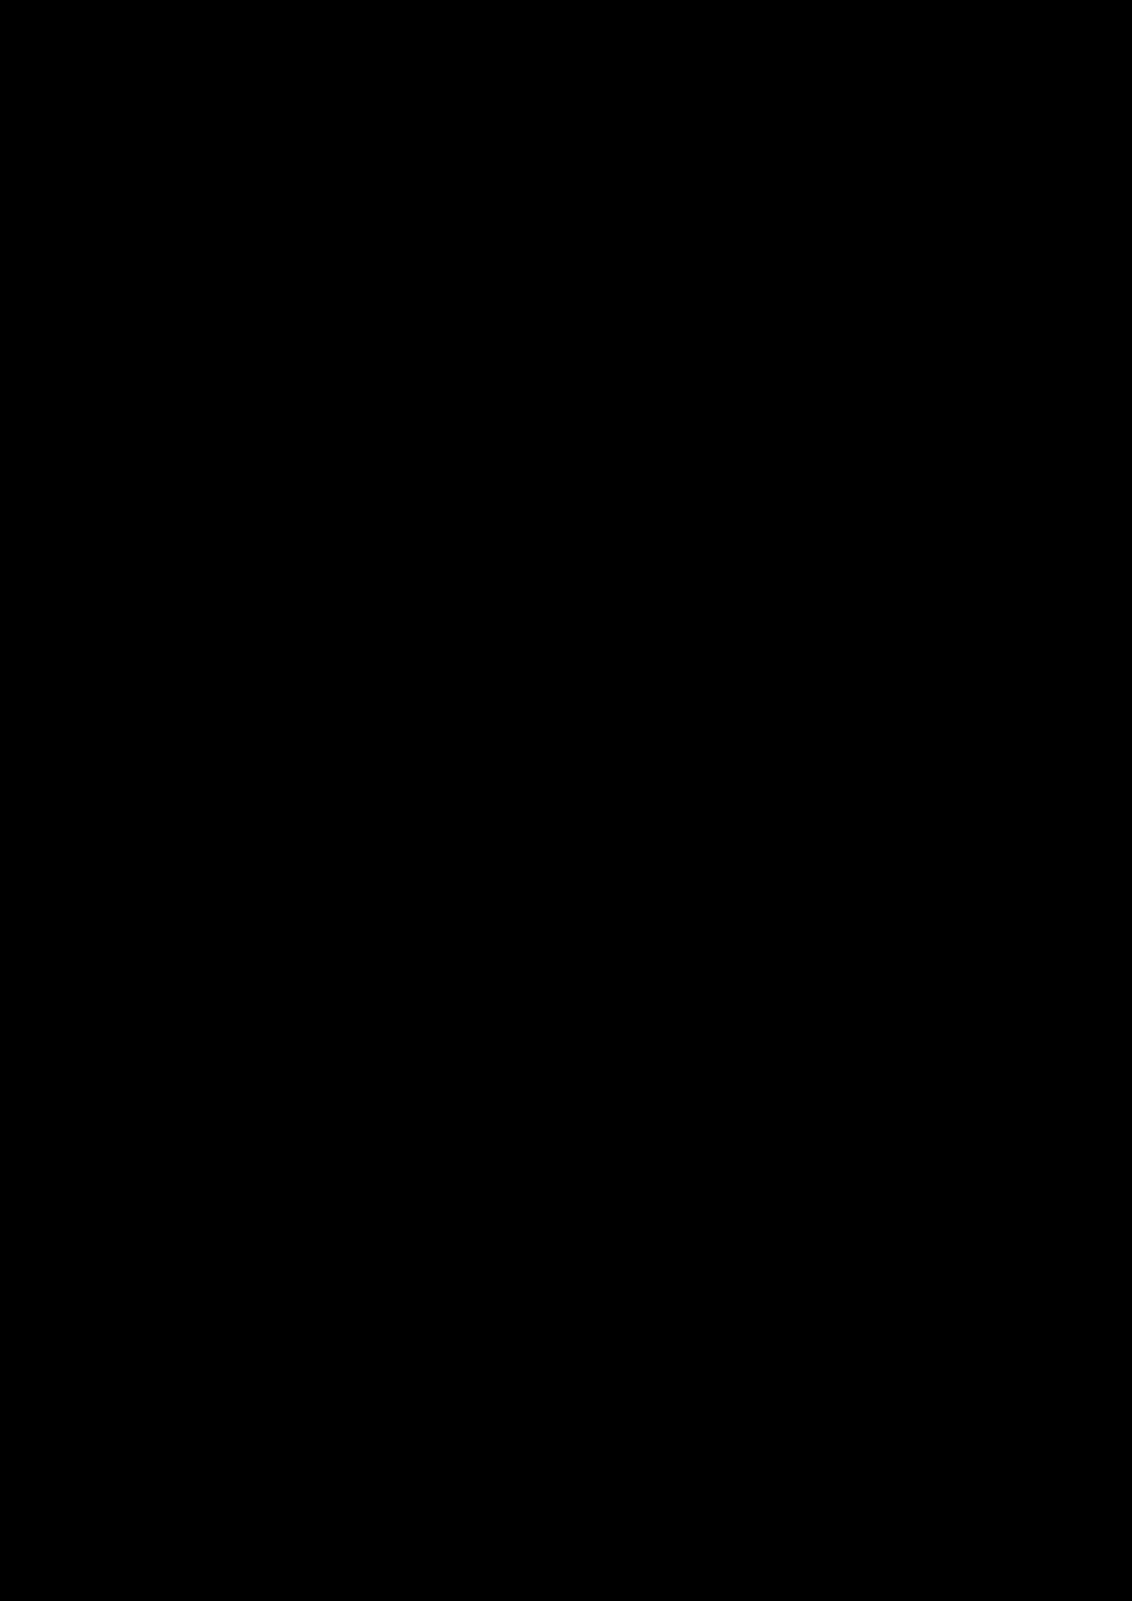 Proschanie s volshebnoy stranoy slide, Image 30